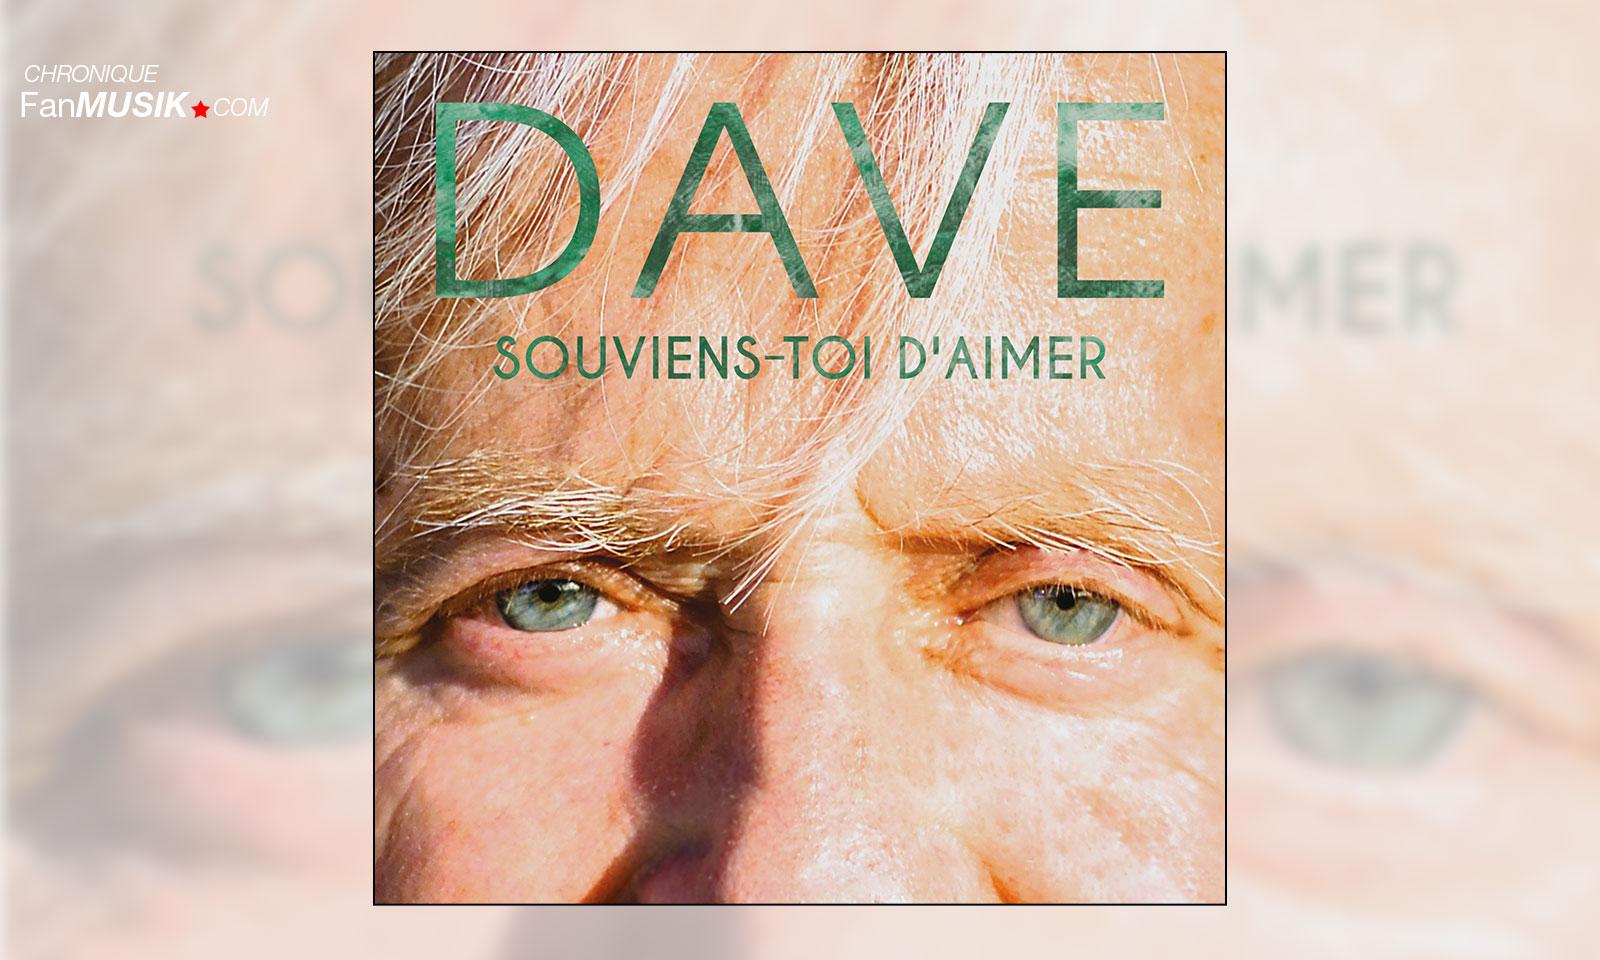 Chronique Souviens-toi d'aimer, Dave